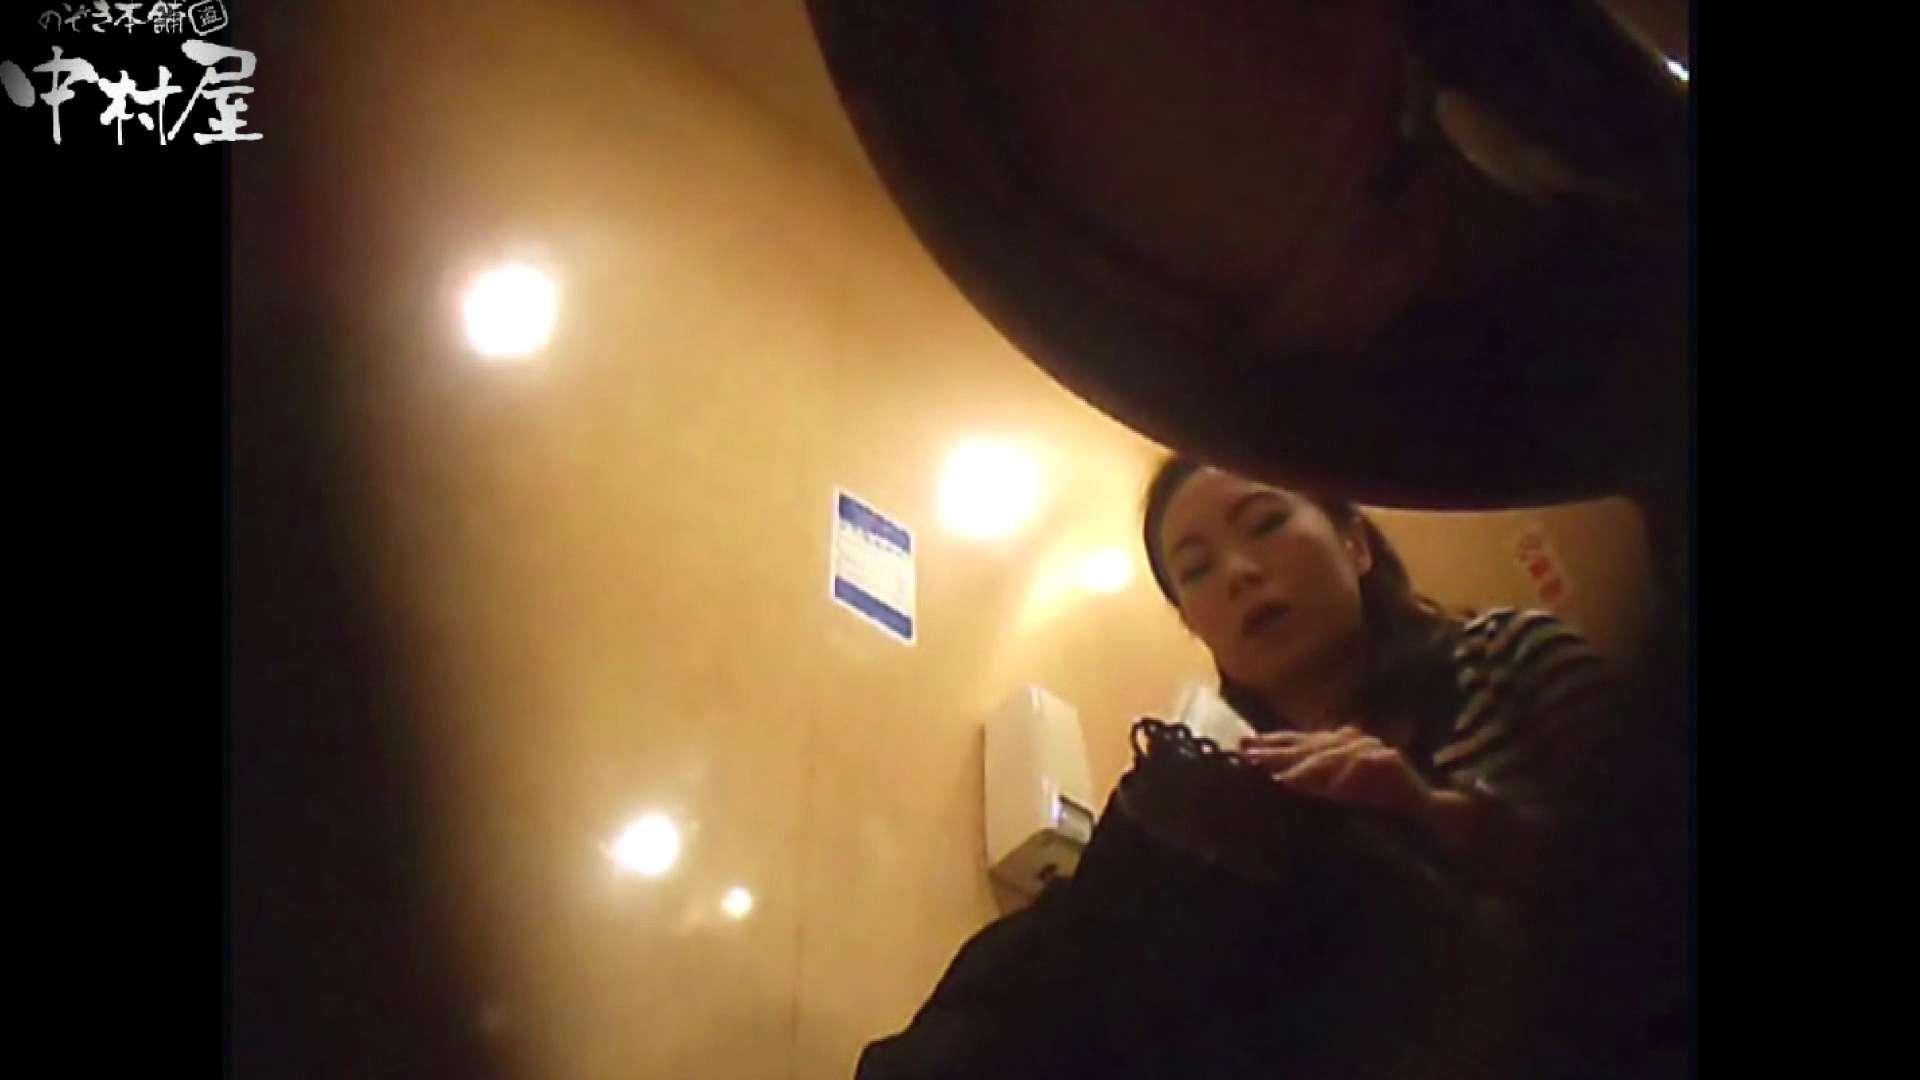 突撃!女子化粧室の真実vol.34 後編 お尻 AV動画キャプチャ 111pic 89